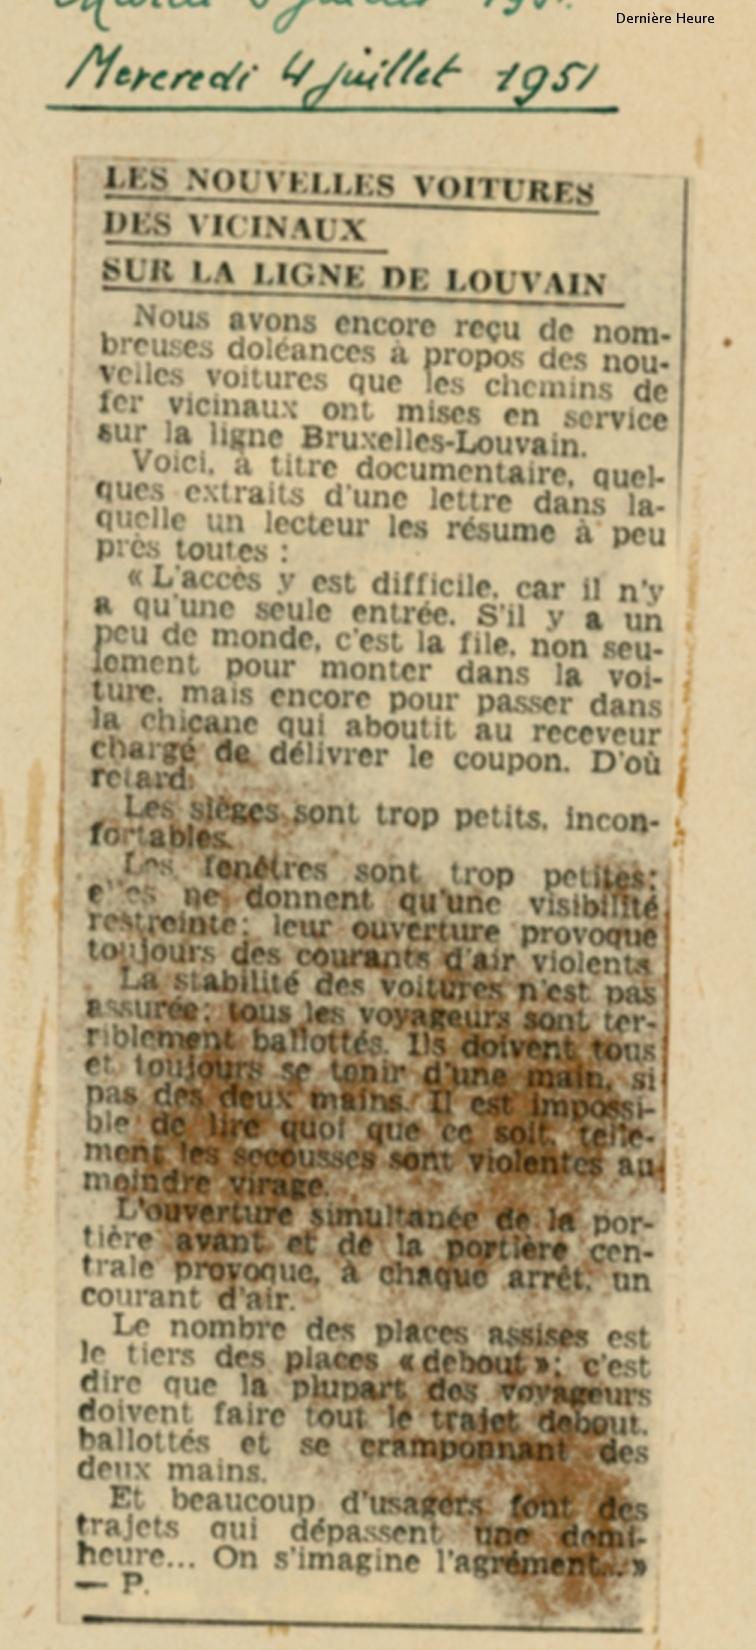 La Dernière Heure - 04/07/1951